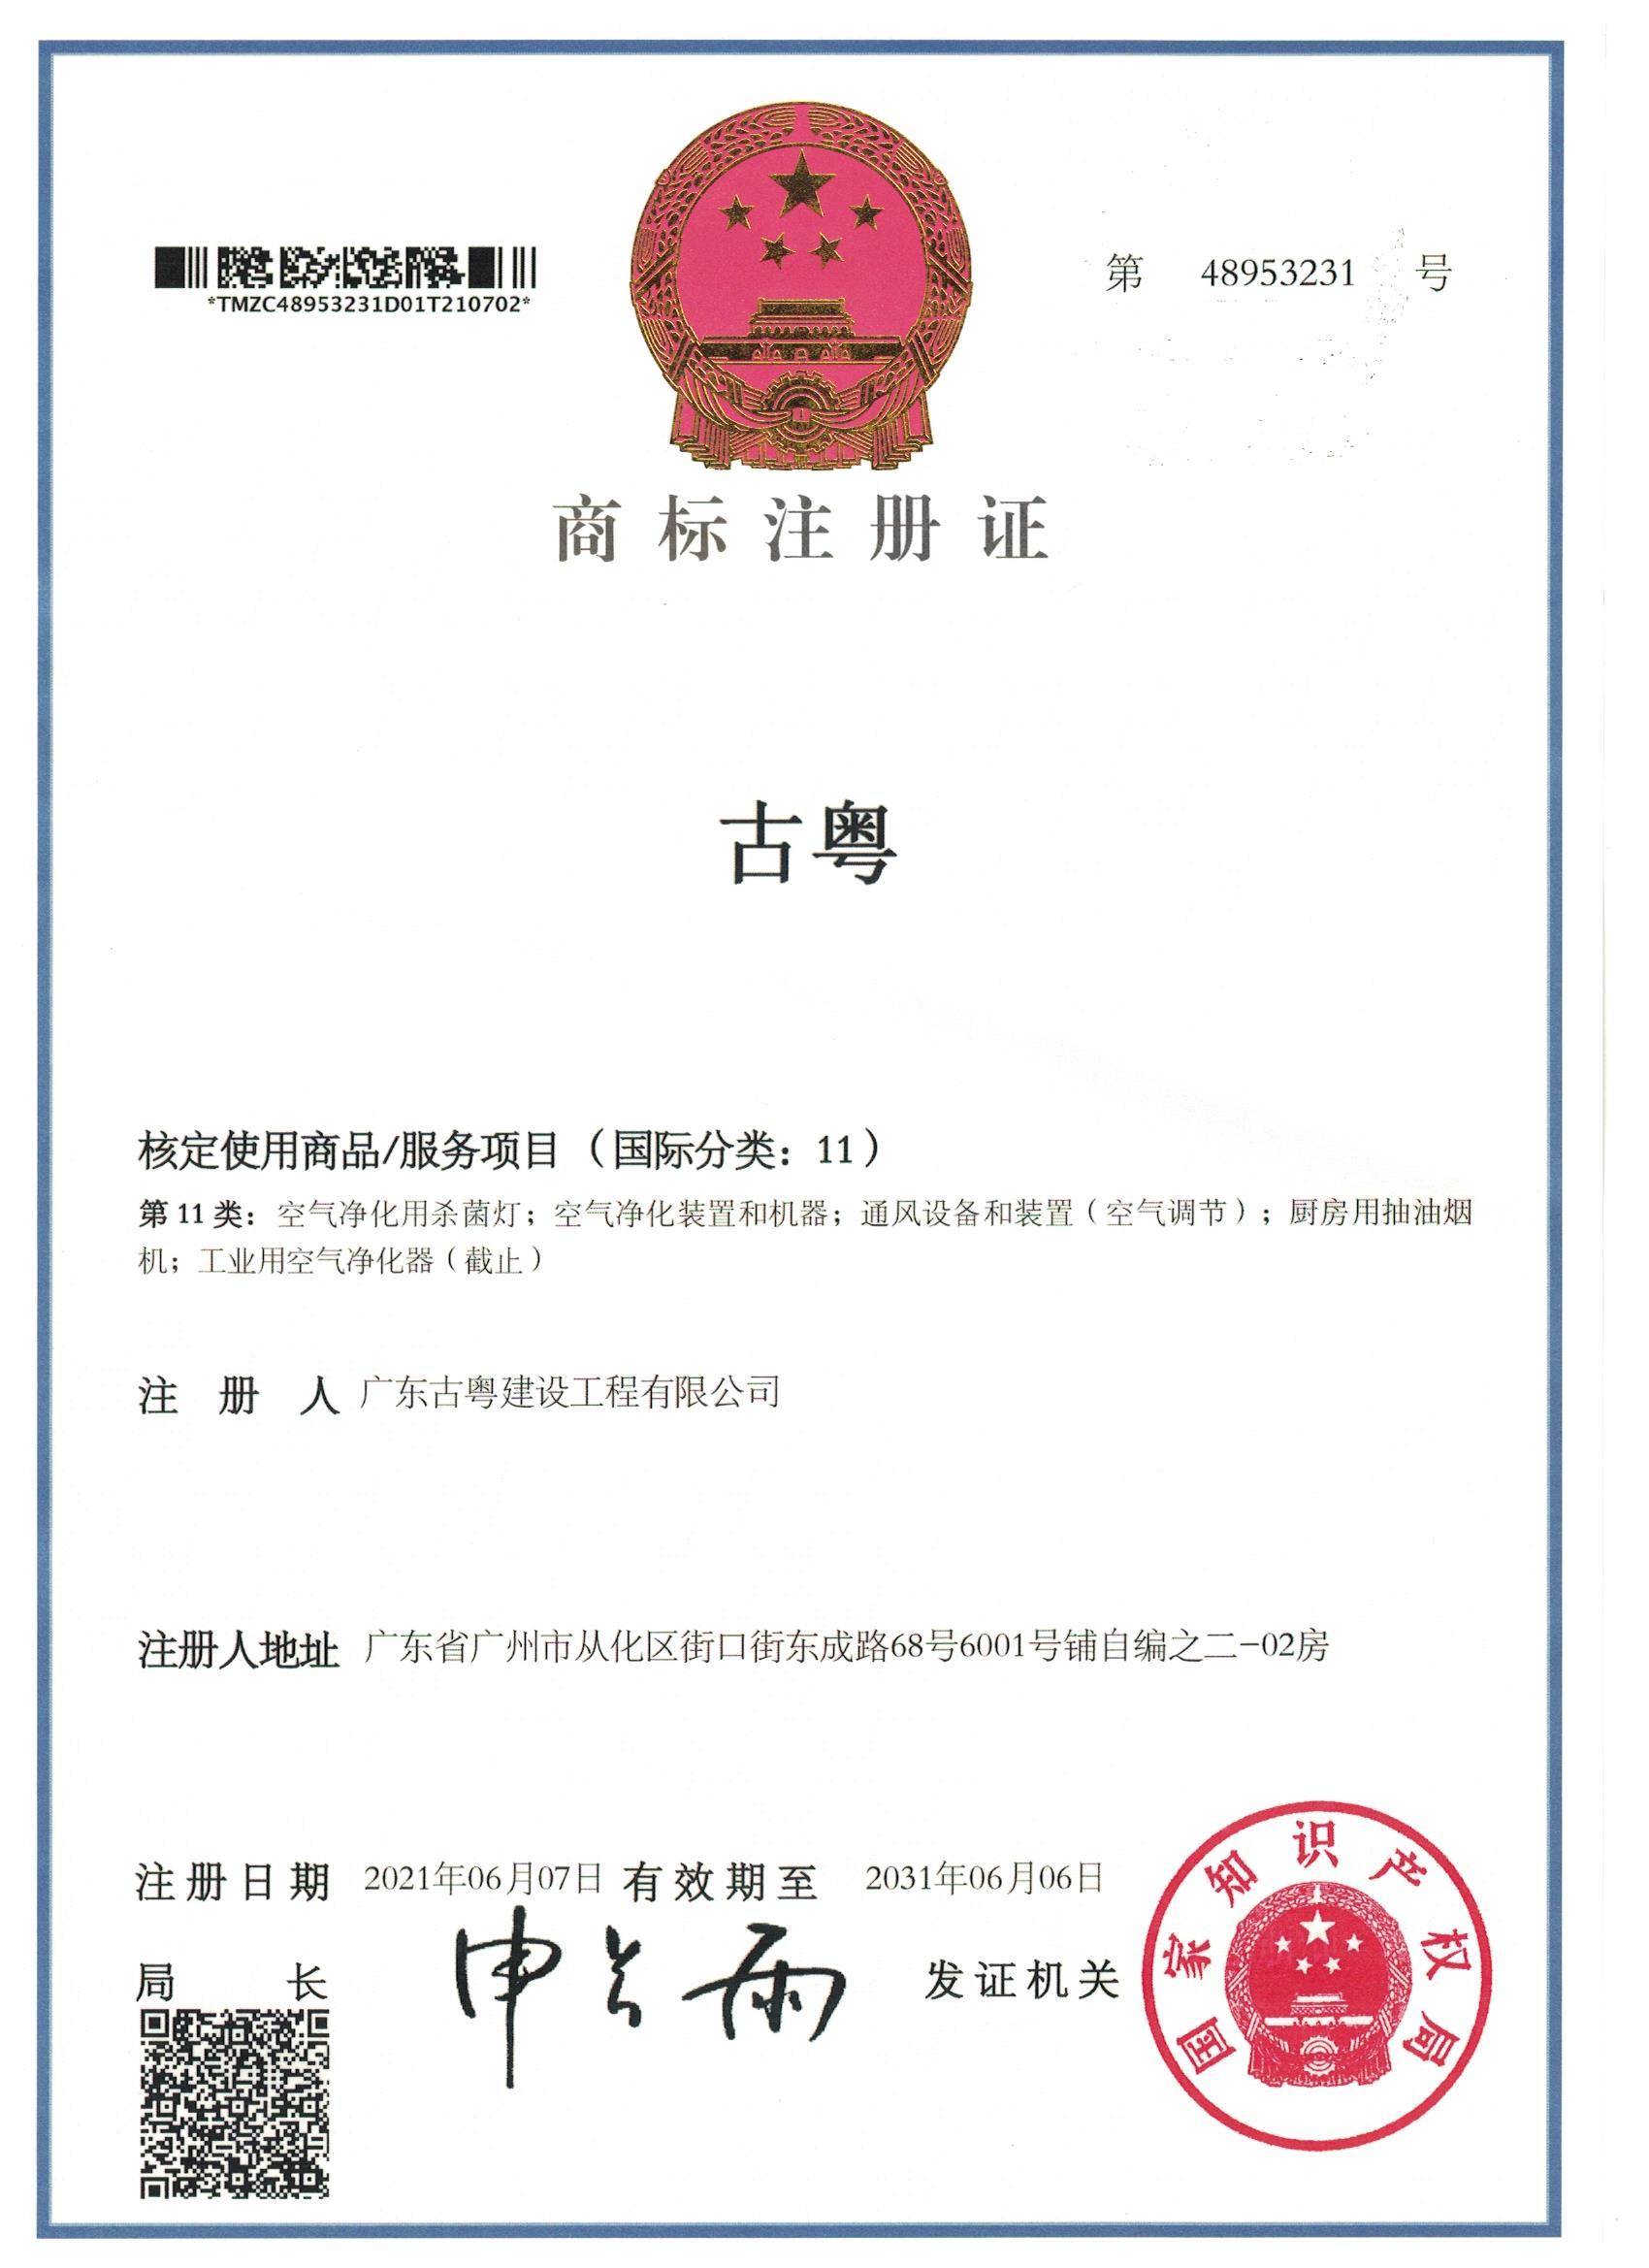 广东古粤建设工程有限公司2